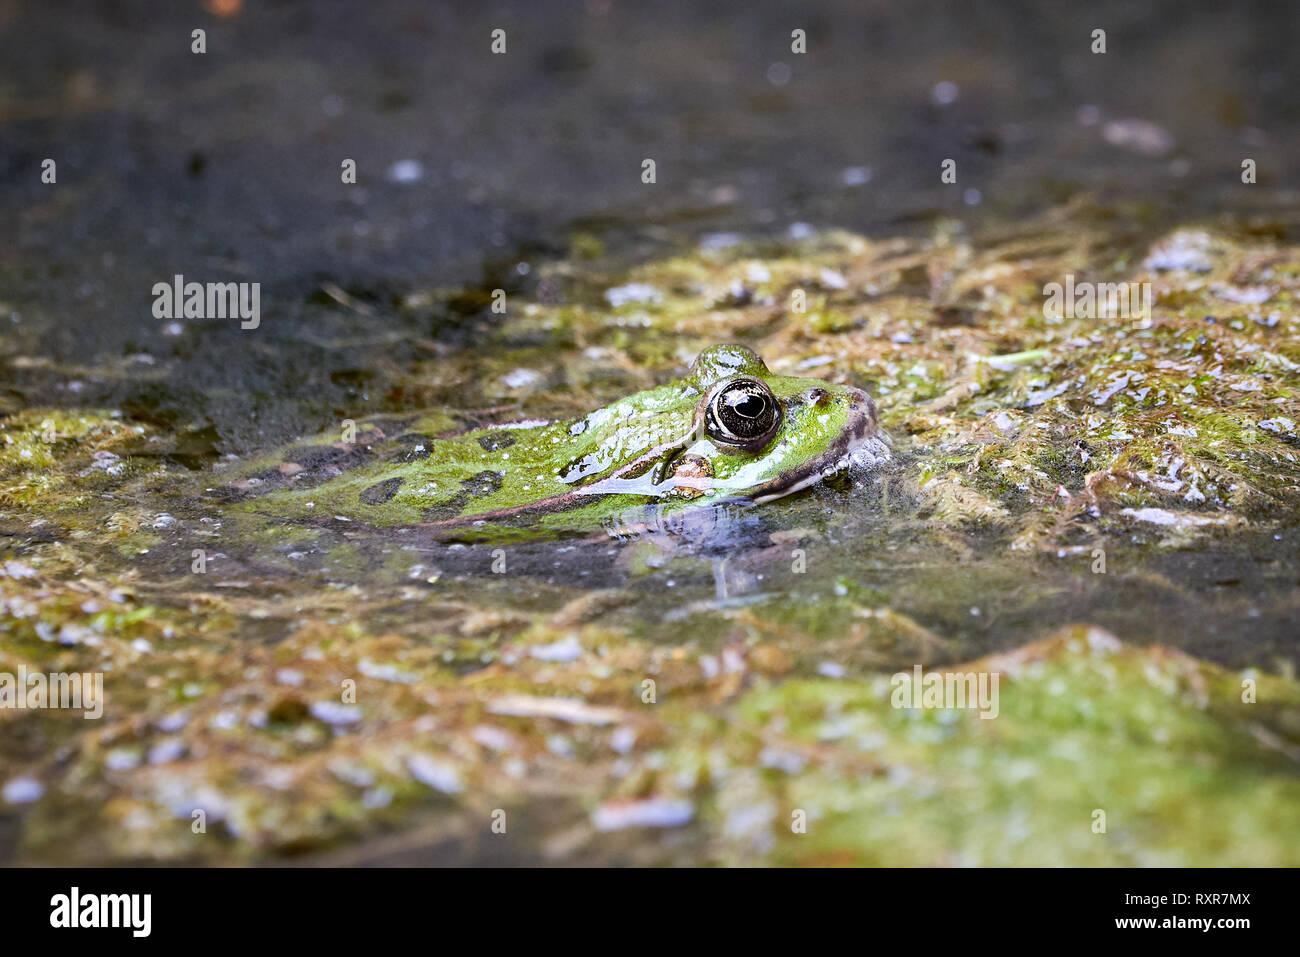 Common water frog (Pelophylax kl. esculentus) in water - Stock Image